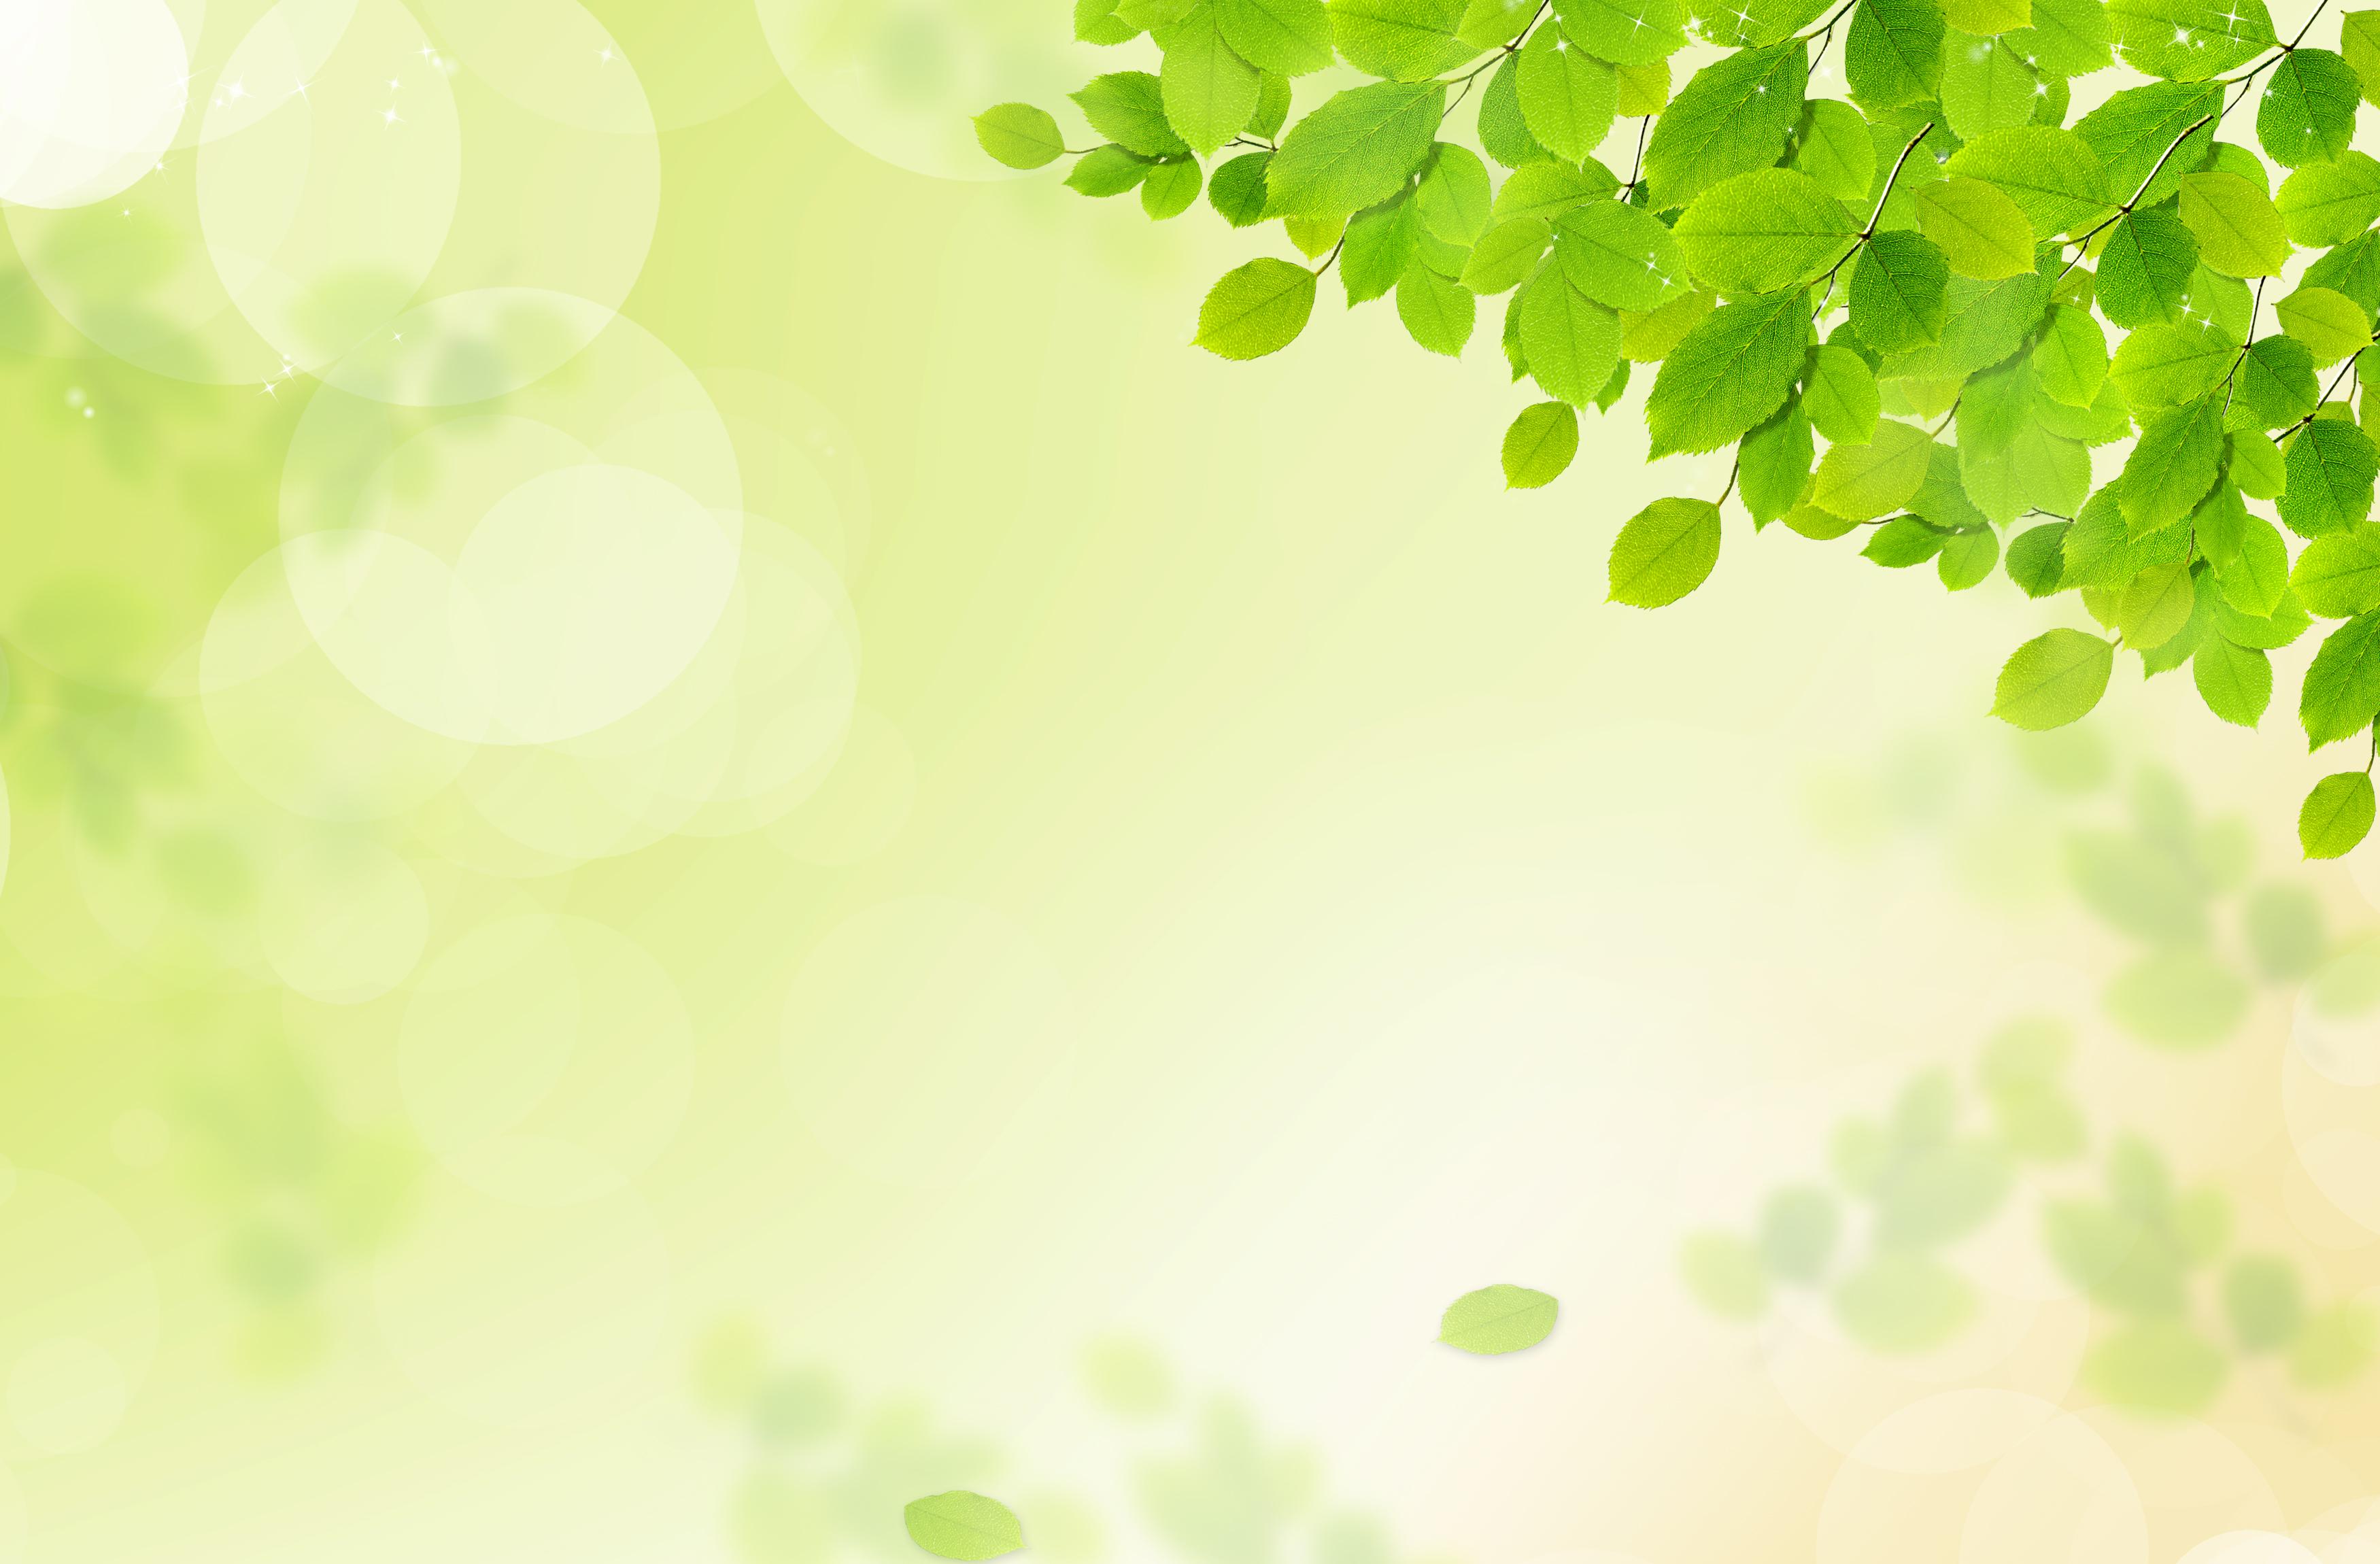 le tr u00e8fle conception la verdure leaf contexte plante